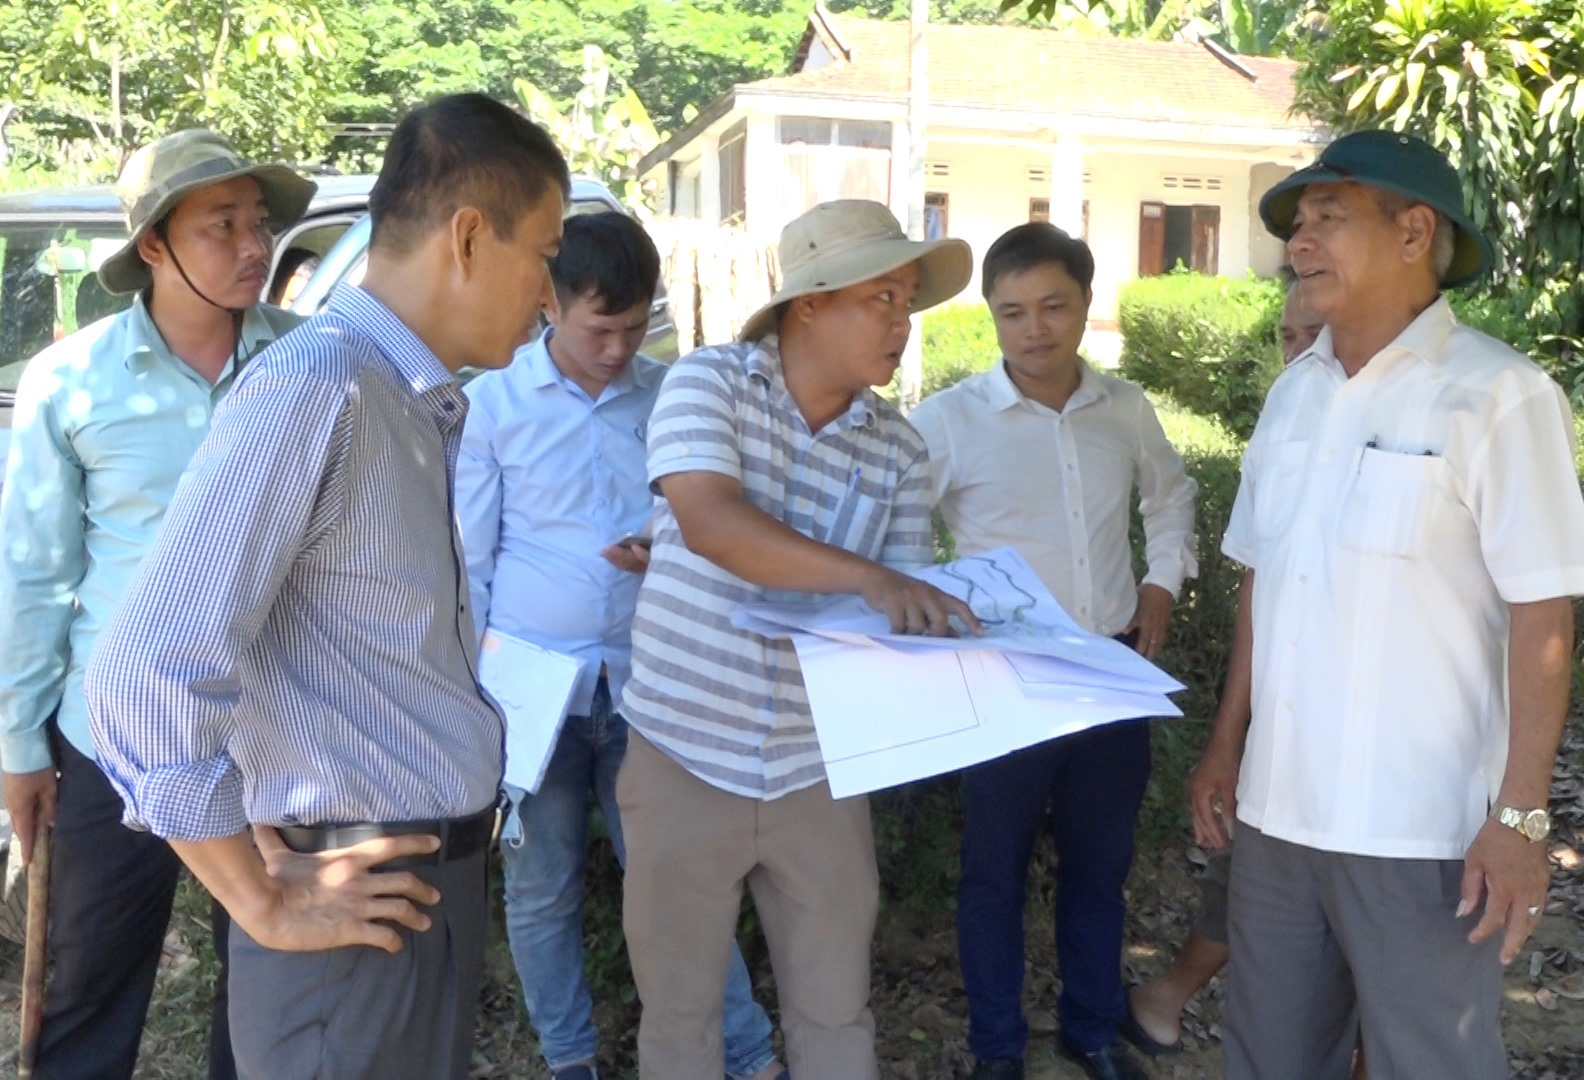 Lãnh đạo huyện Thăng Bình và Ban quản lý Dự án đầu tư xây dựng các công trình NN&PTNT tỉnh xác định vị trí để khởi công dự án hồ chứa nước Hố Do. Ảnh: M.T